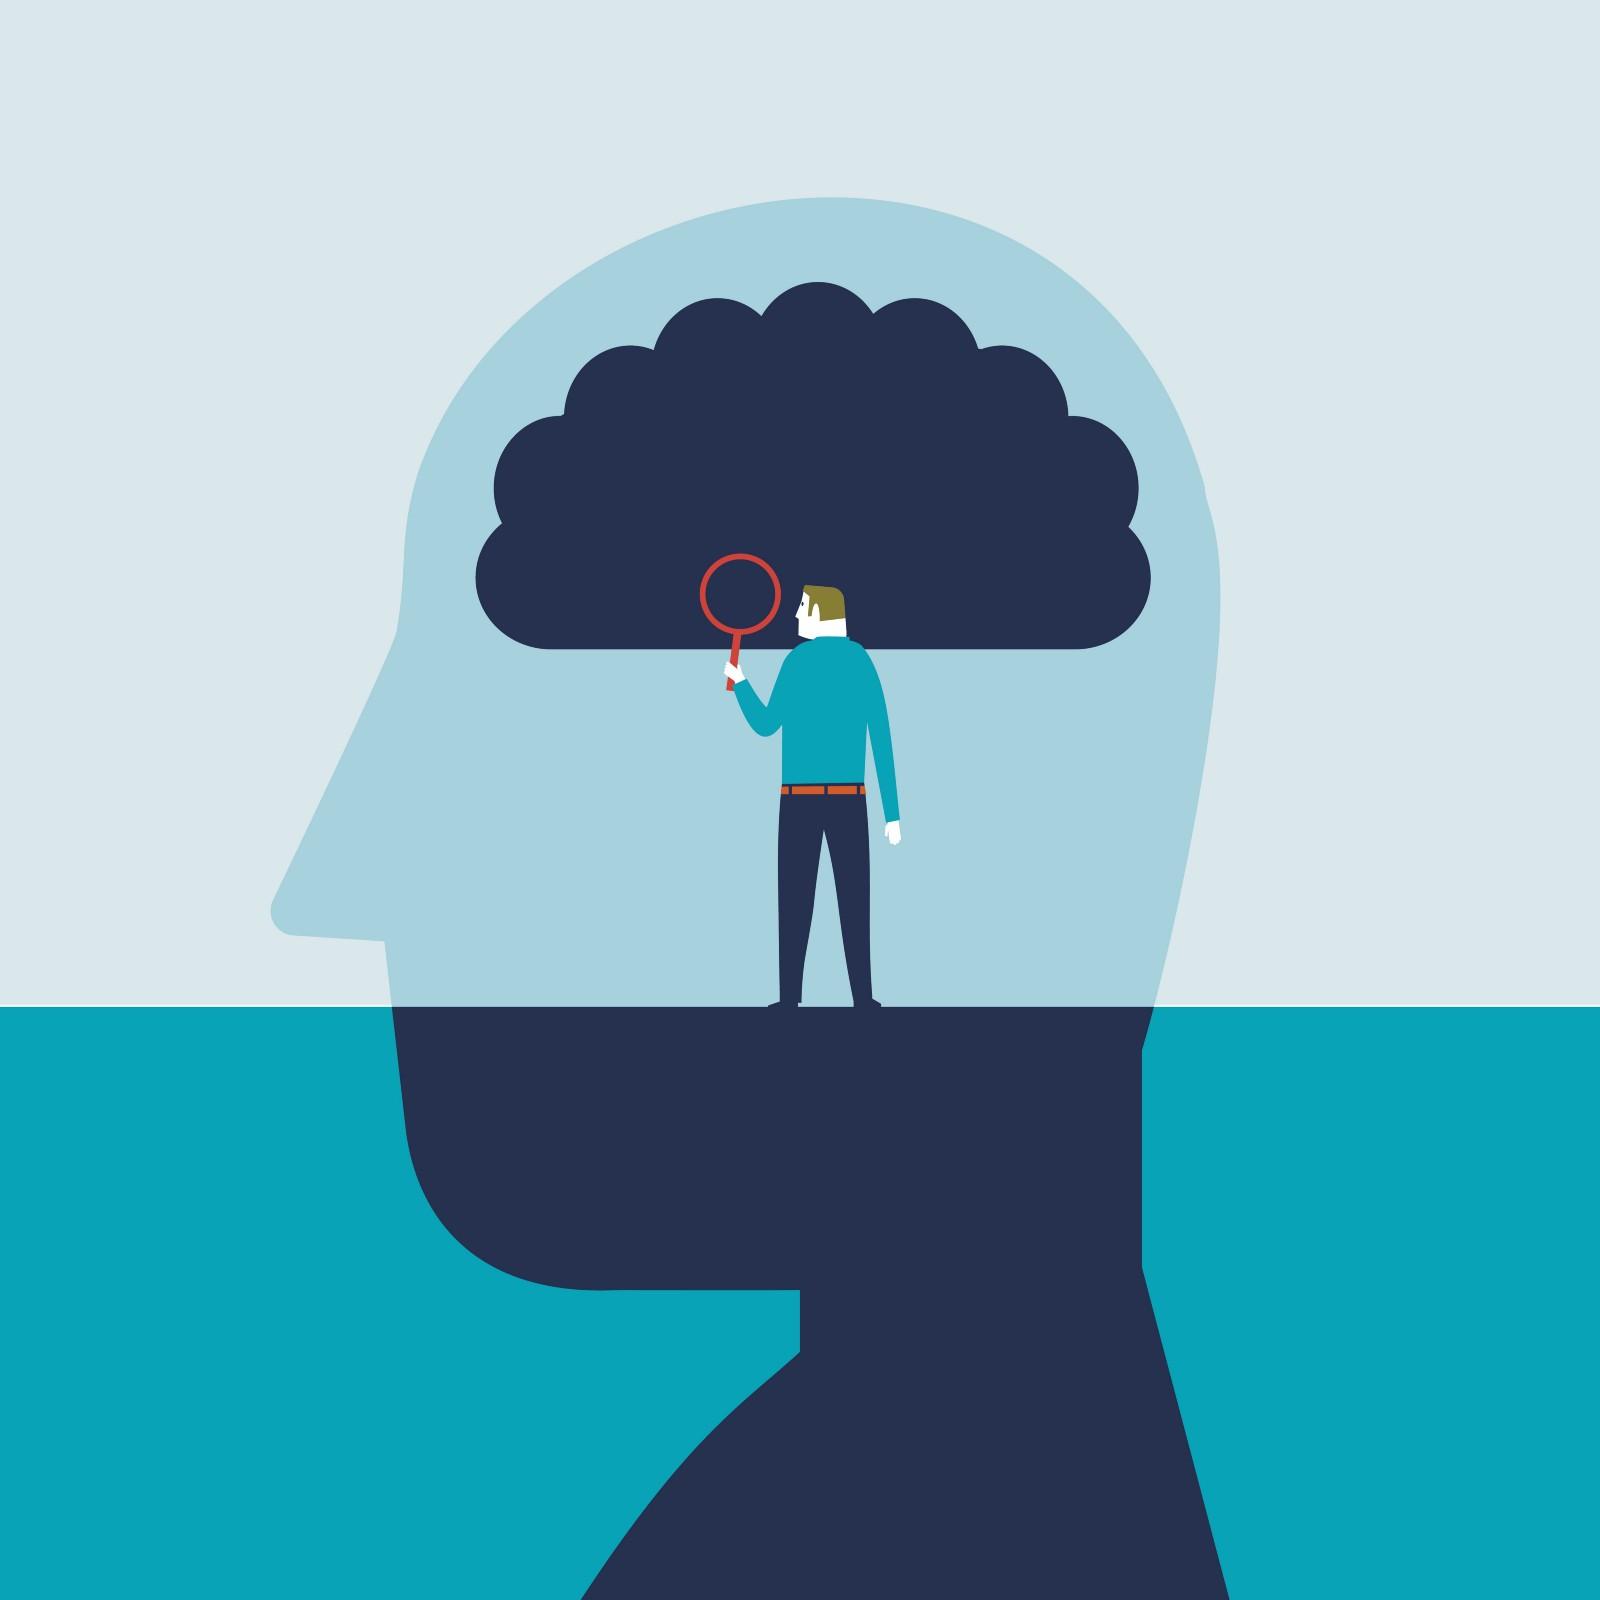 Otizmli Parlak Zihinleri Boşa Harcamamayı Nasıl Başarabiliriz?, İLK EVİN - Özel Eğitim ve Rehabilitasyon Merkezi